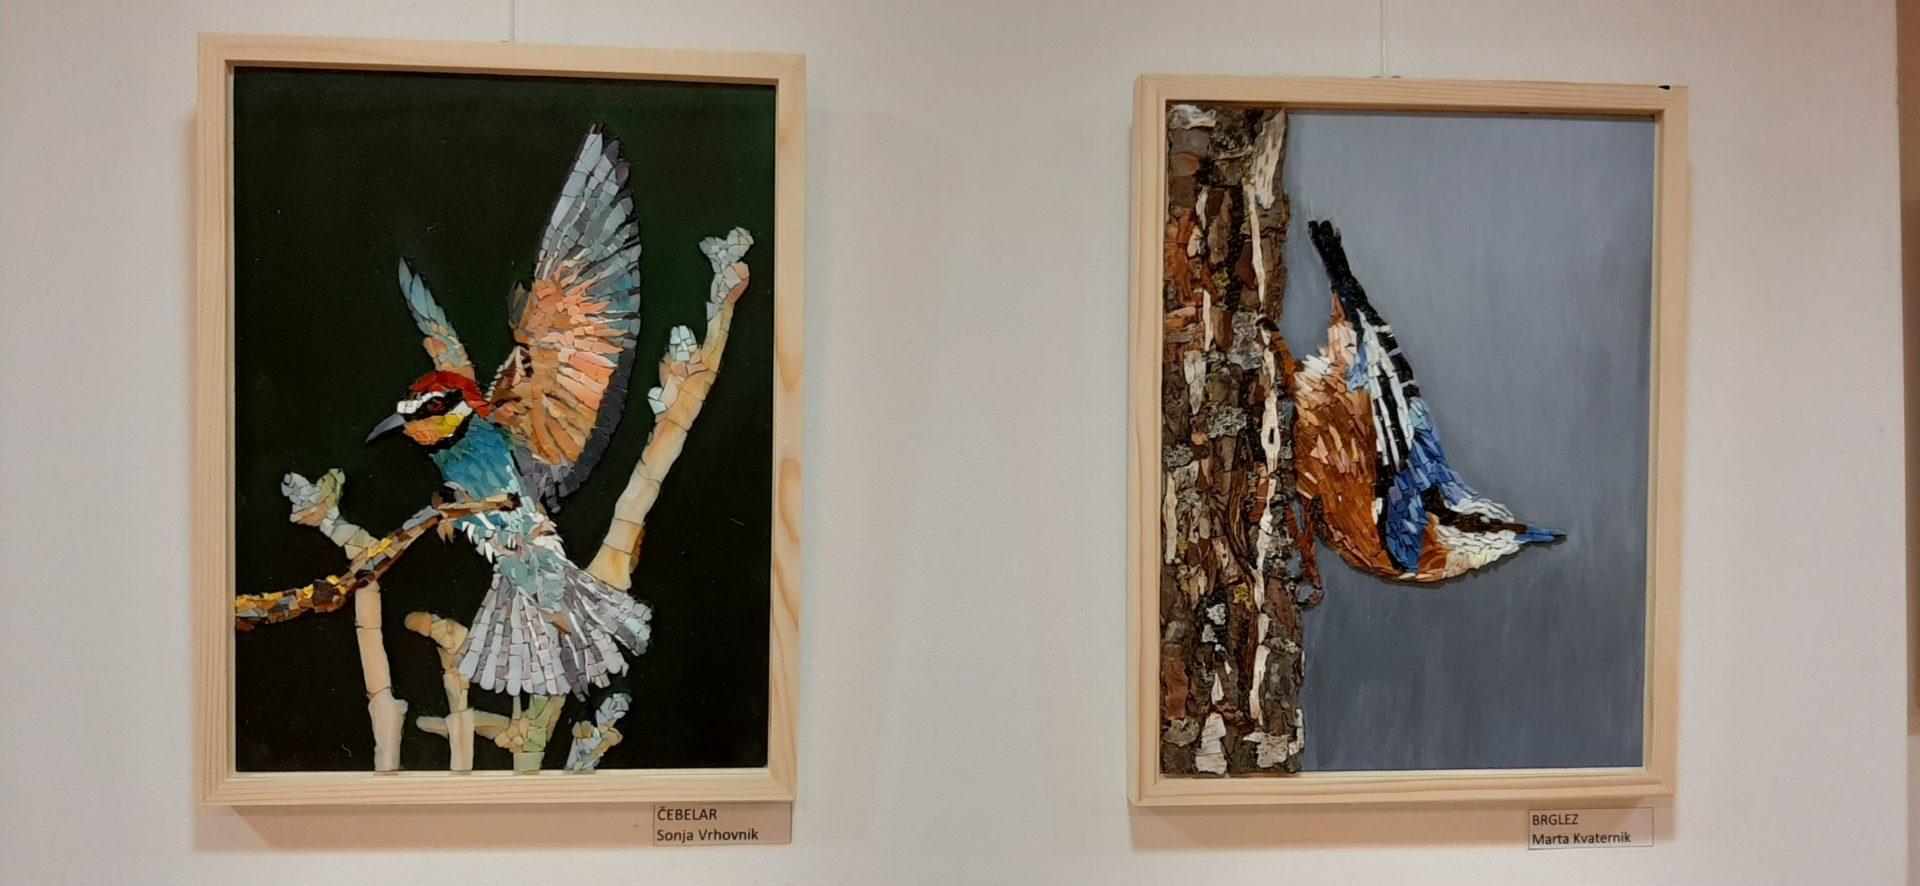 20200918 191617 - Ptice naših krajev – razstava sekcije Mozaik KD Rak Rakek